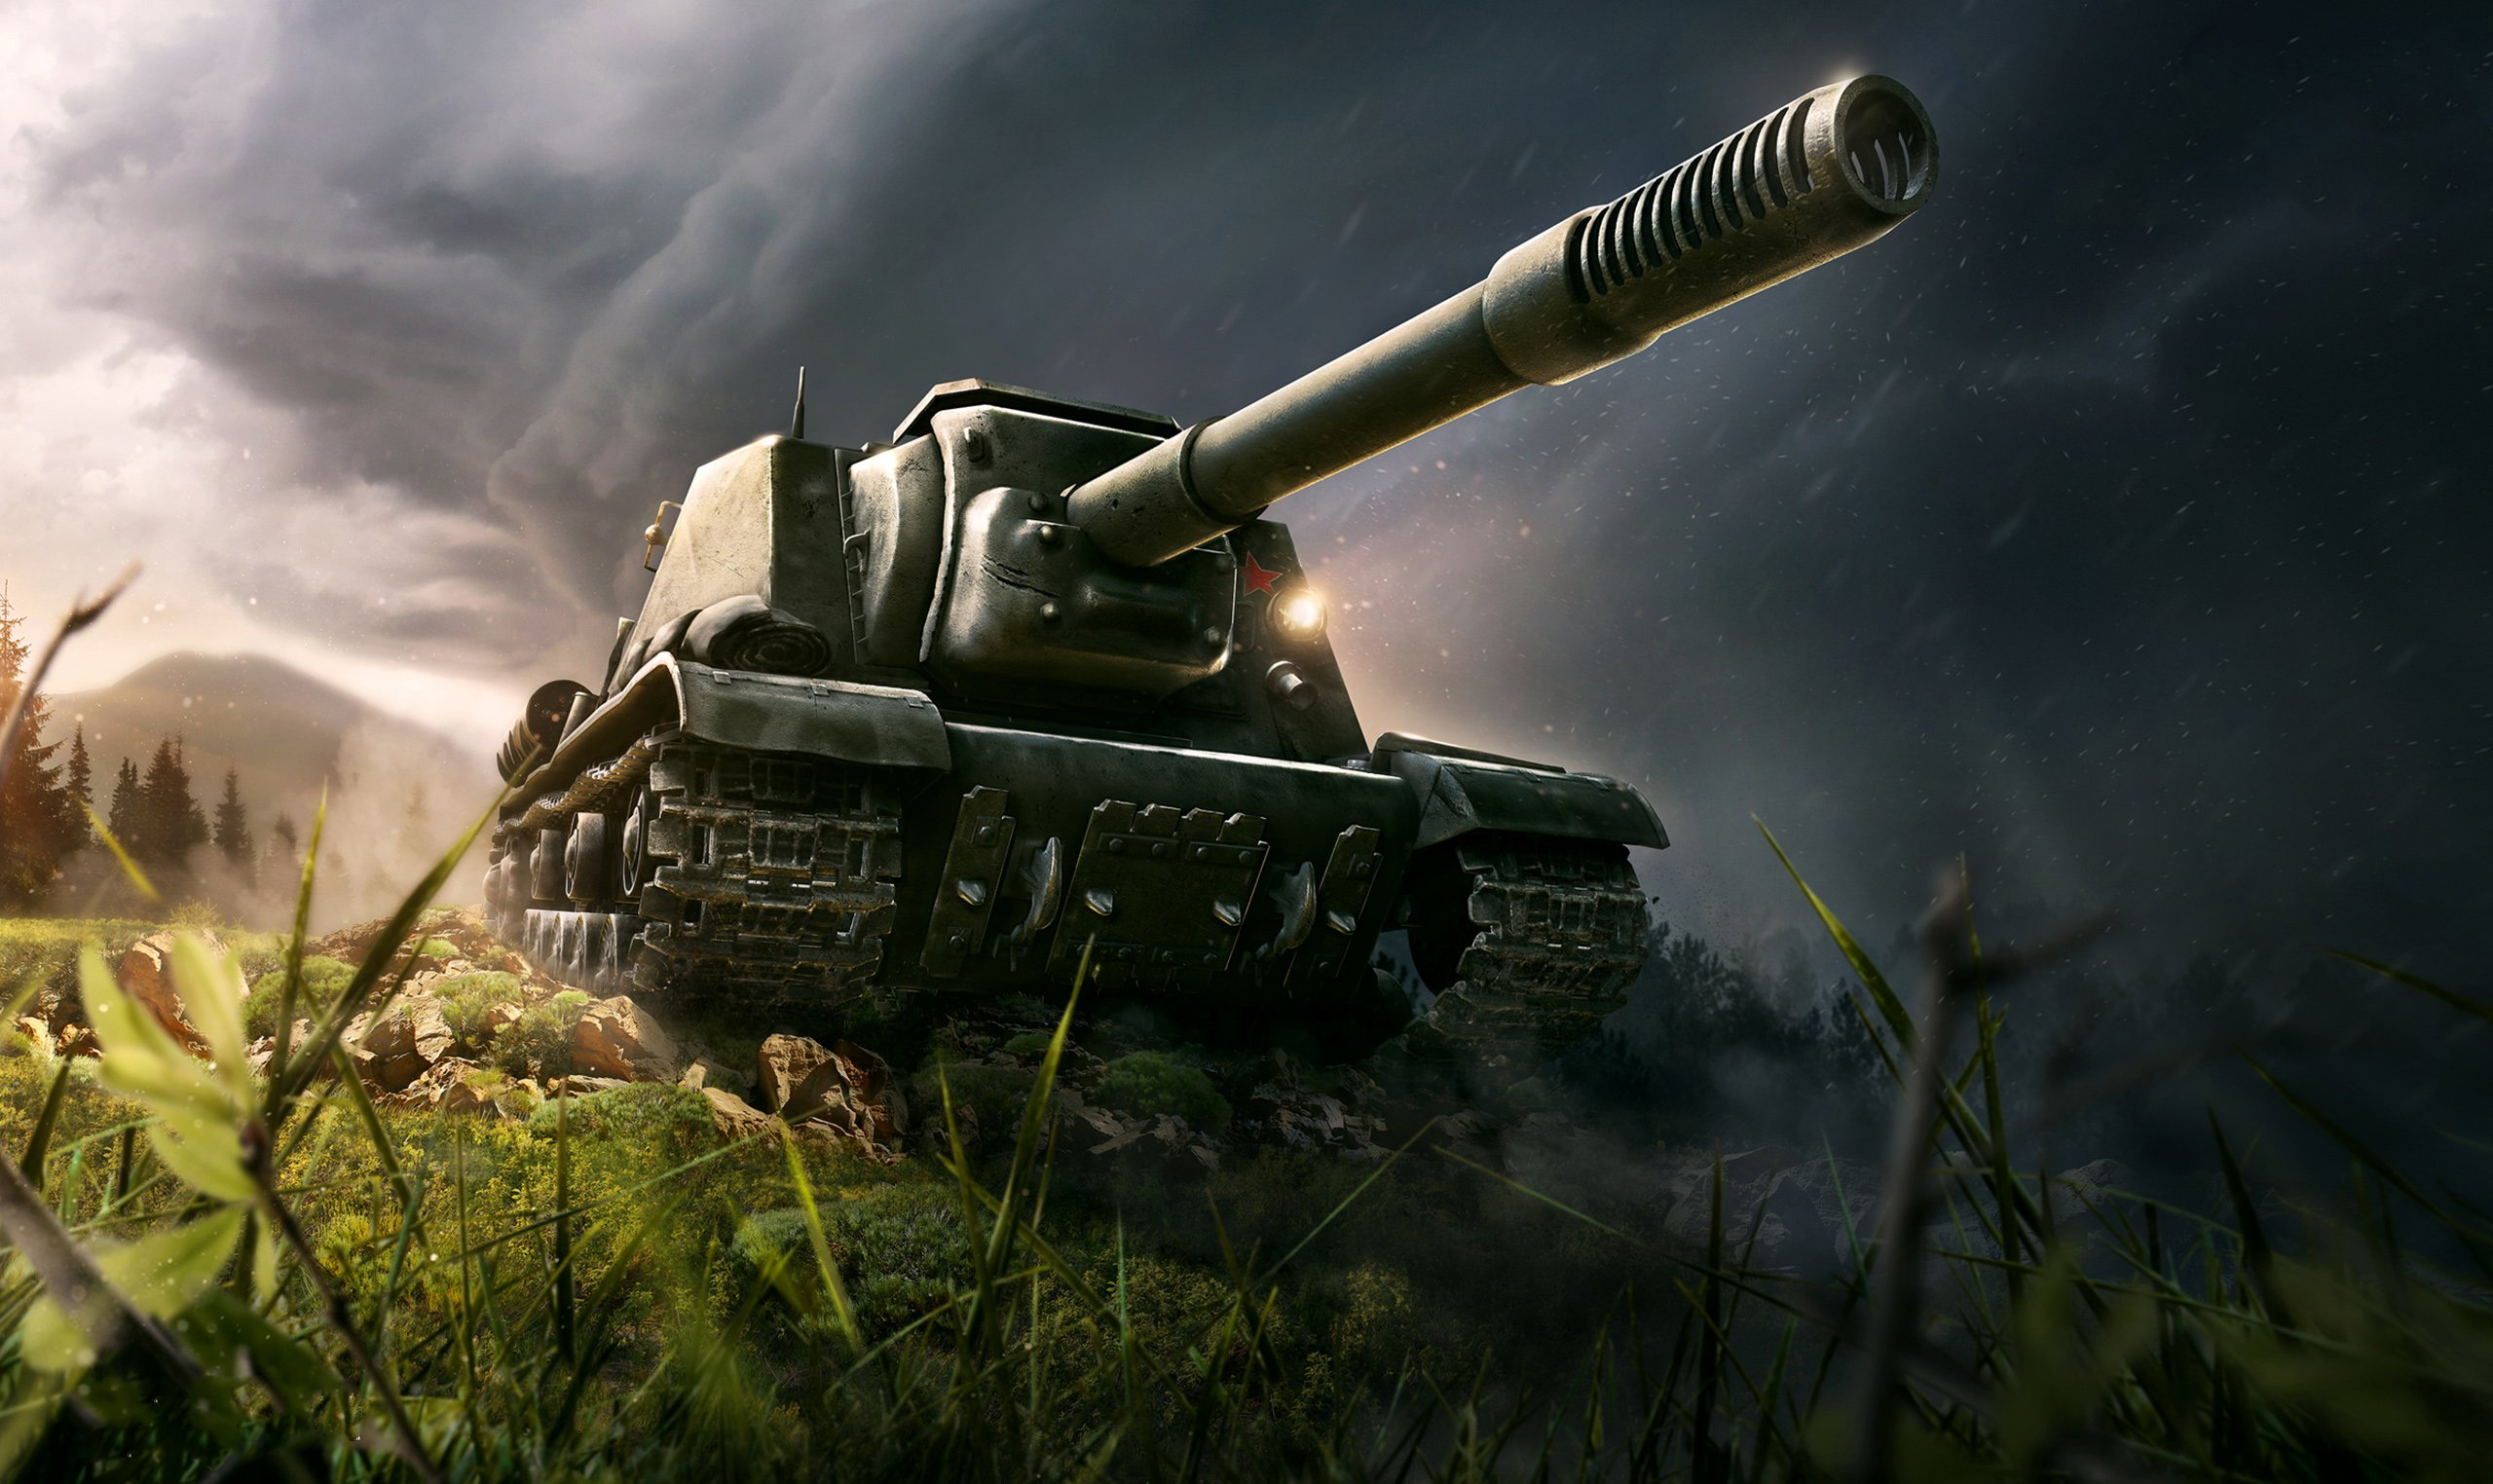 Открытки новым, картинки вордов танкс